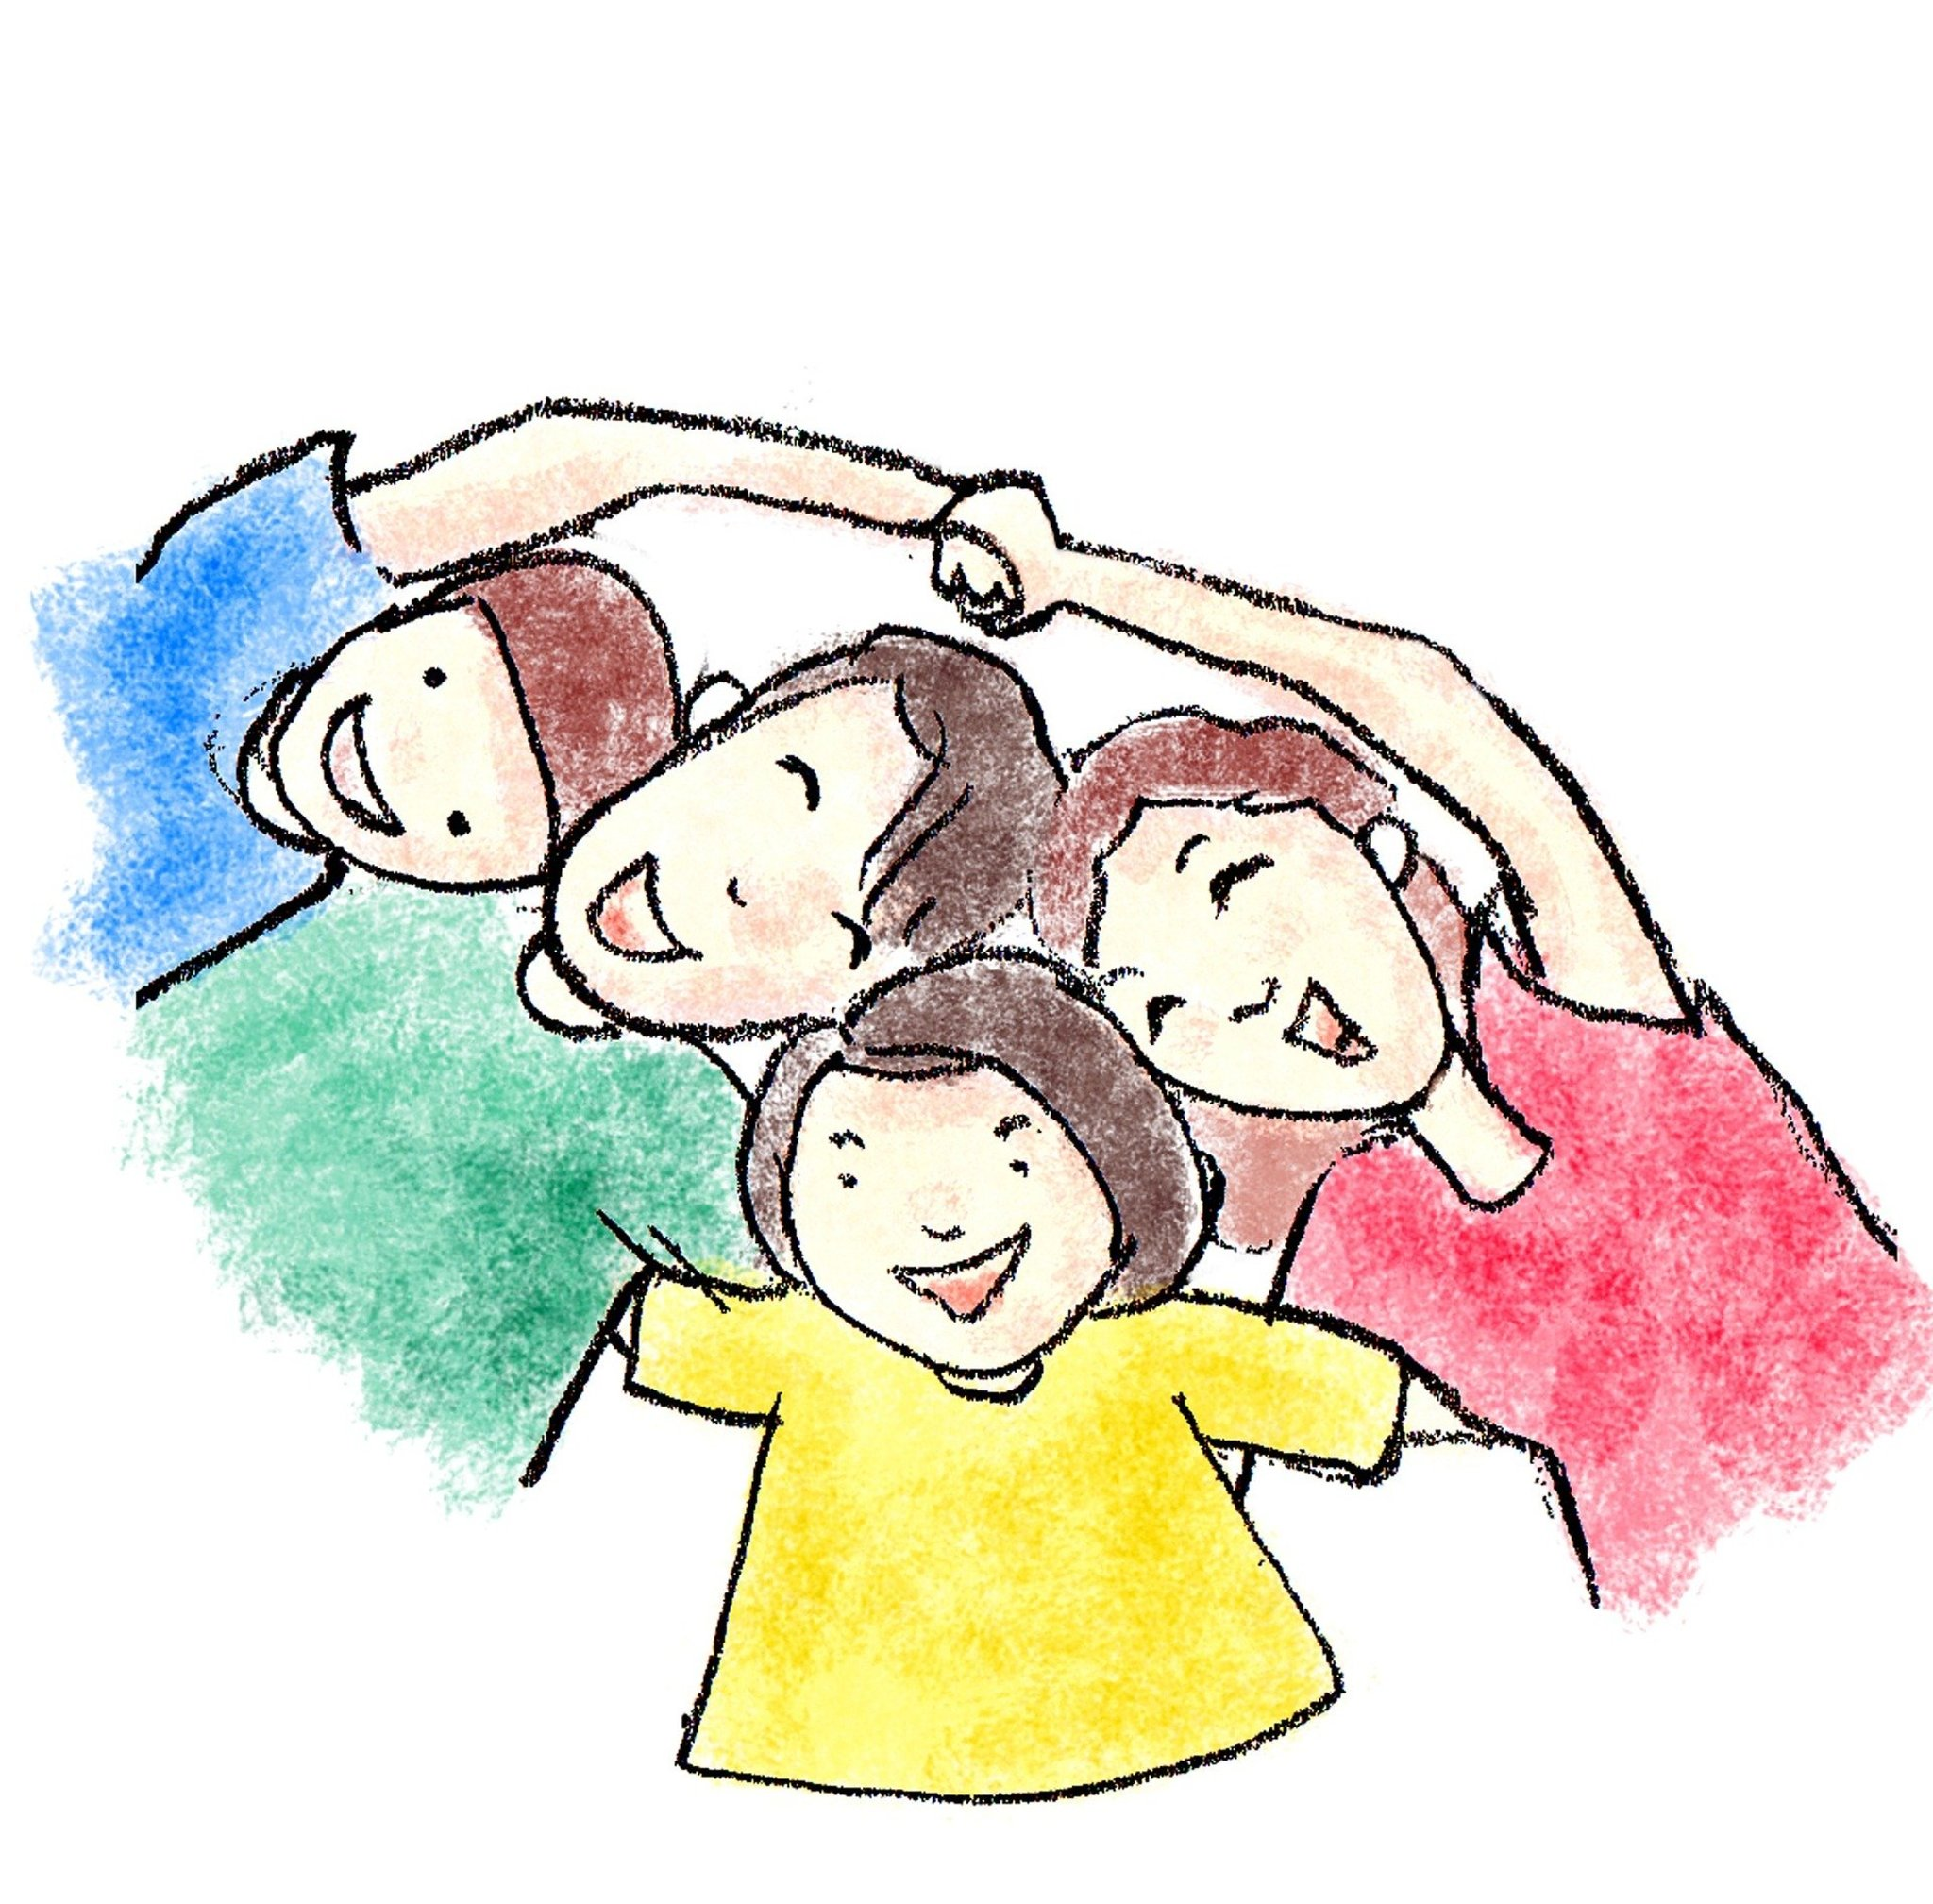 Forum Für Menschen Ohne Familie